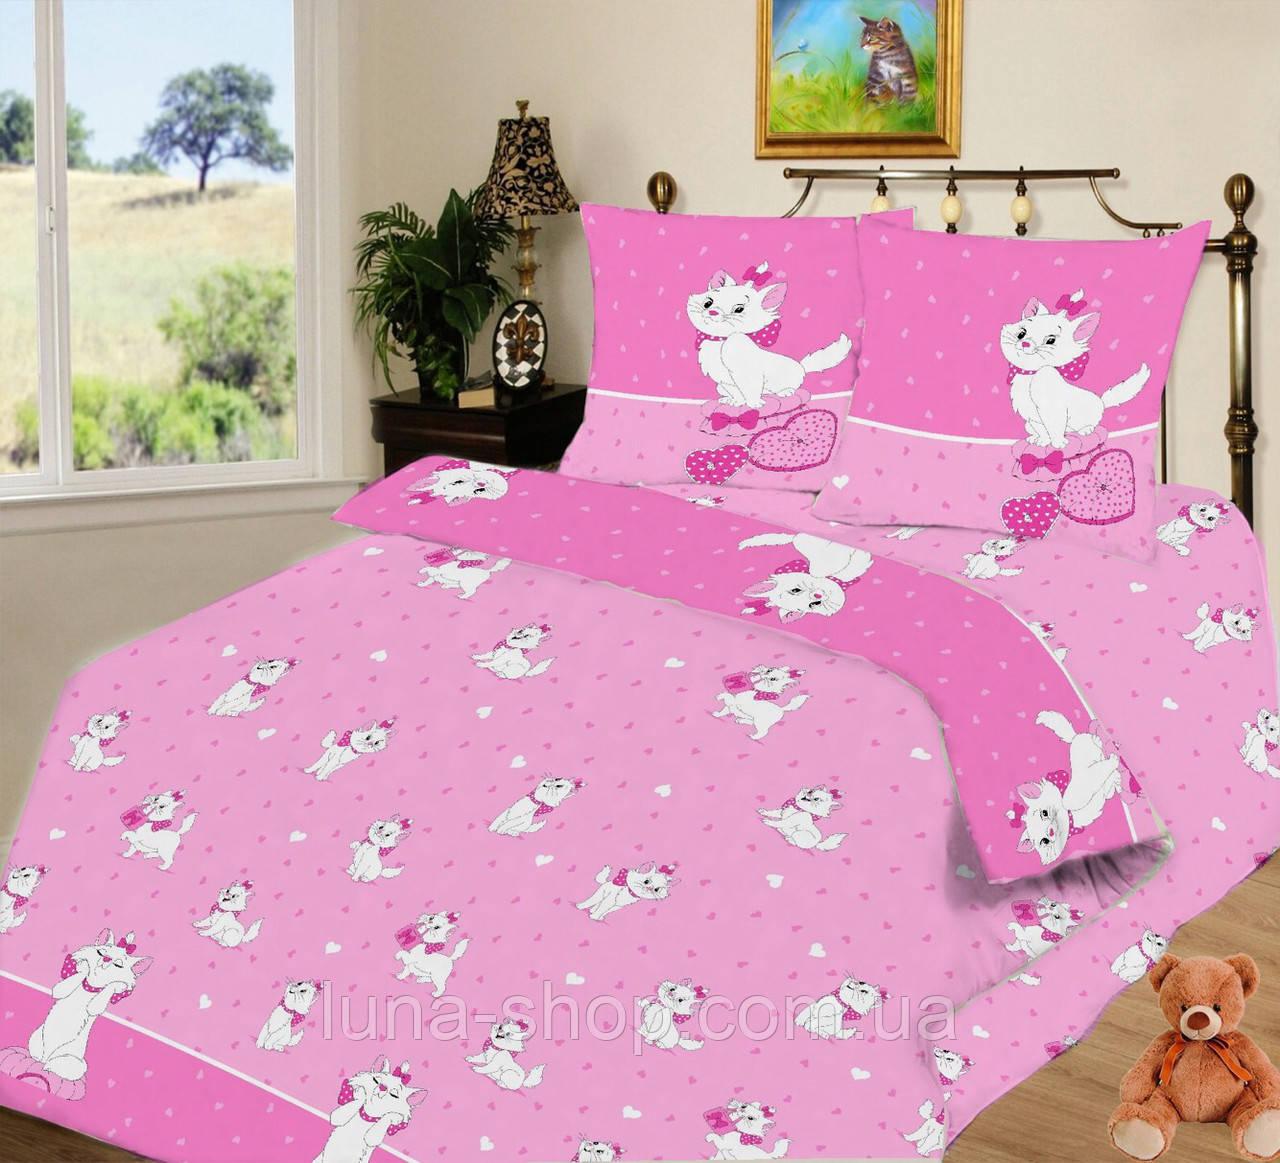 Комплект Мари в детскую кроватку/садик с резинкой и без, бязь